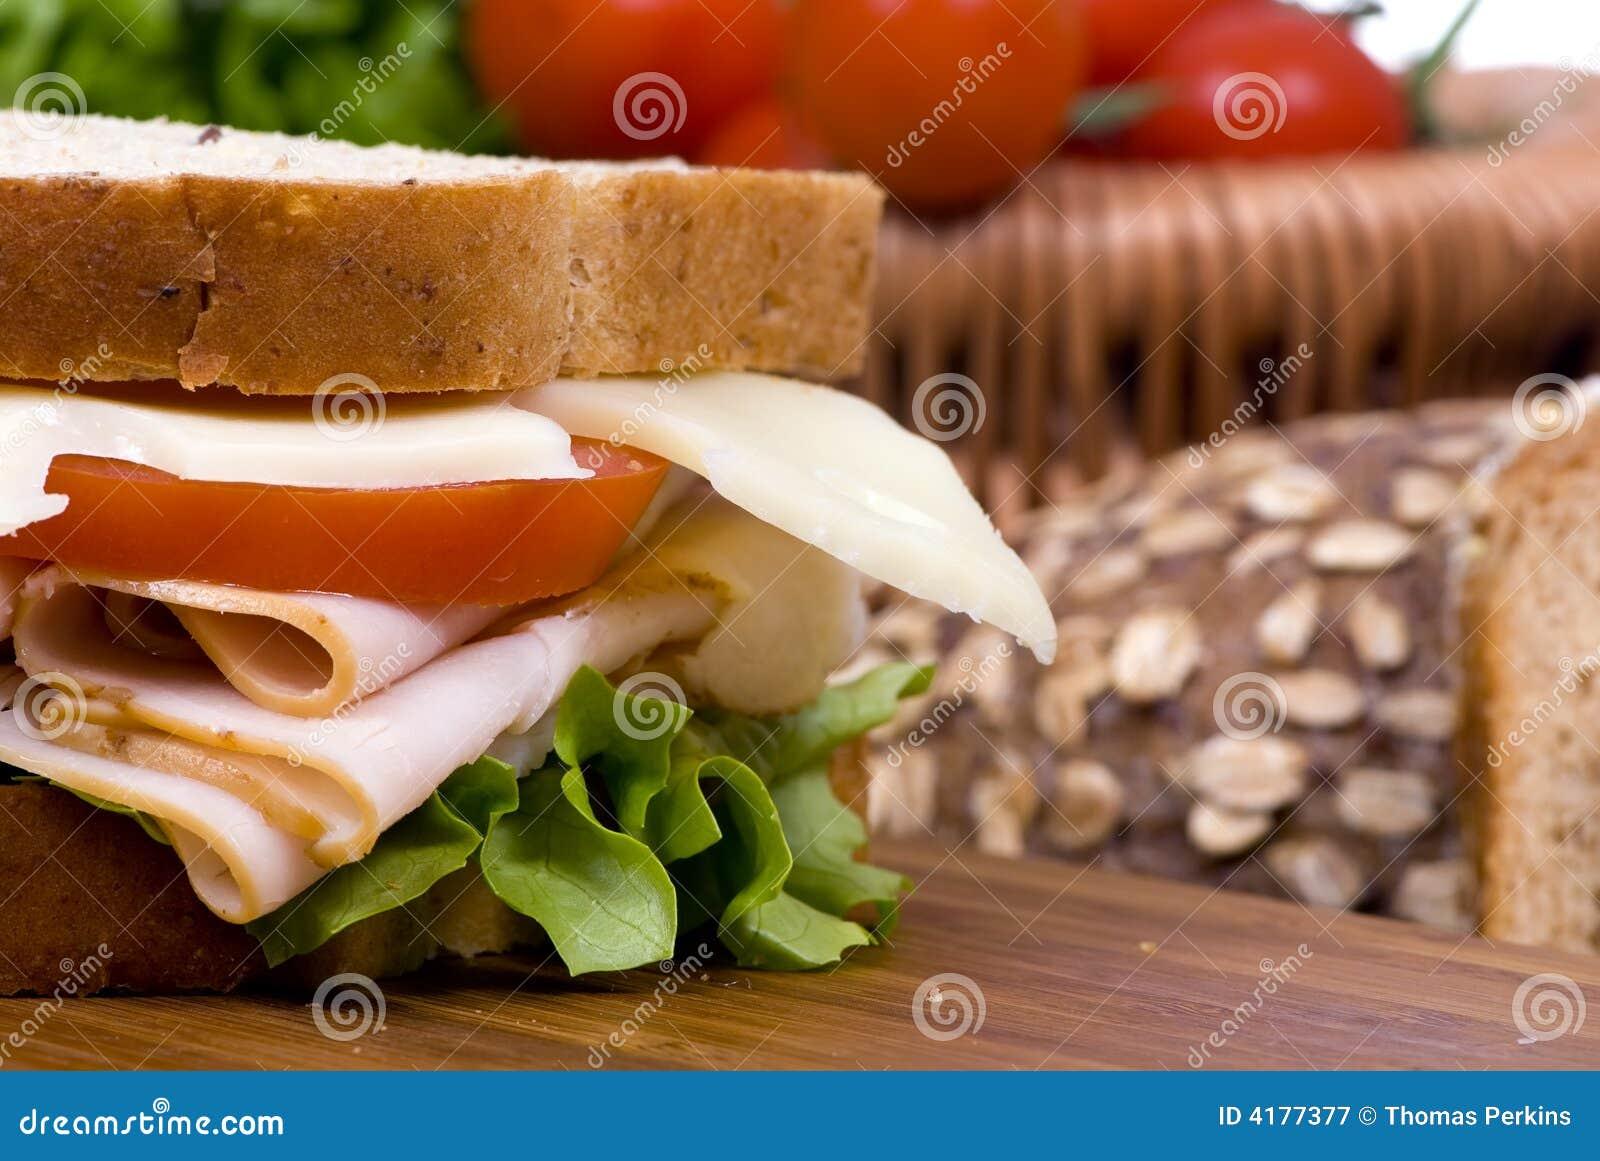 Sandwich à épicerie